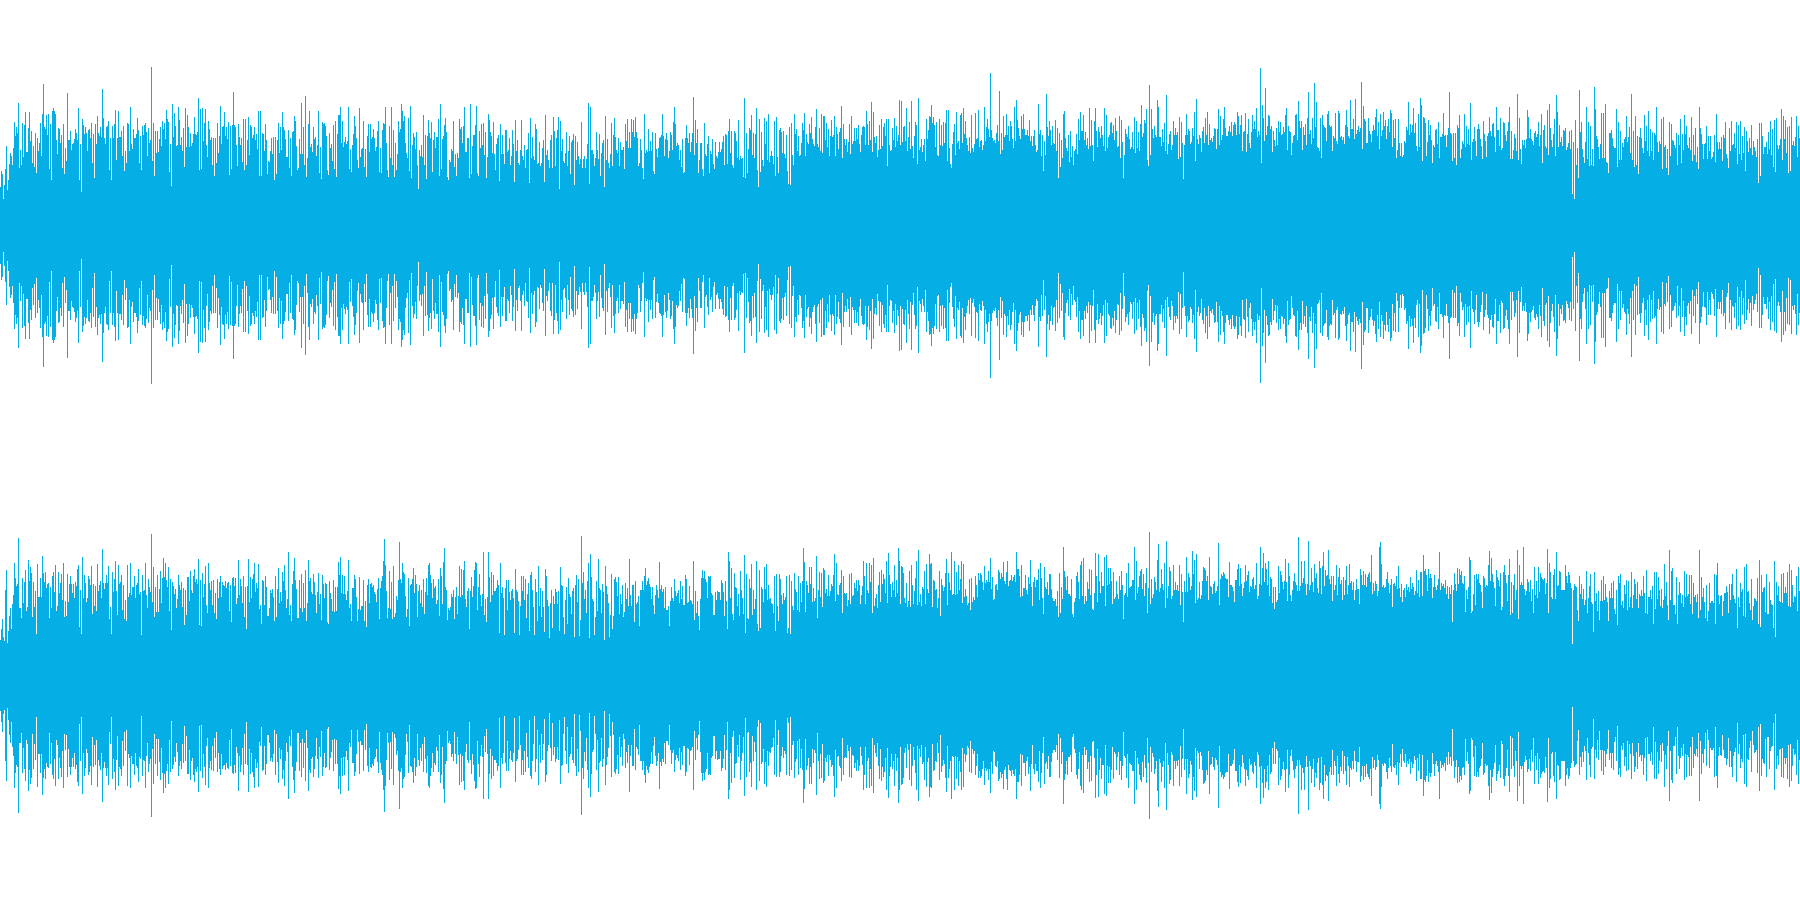 重めの雰囲気のミドルテンポエレクトロの再生済みの波形